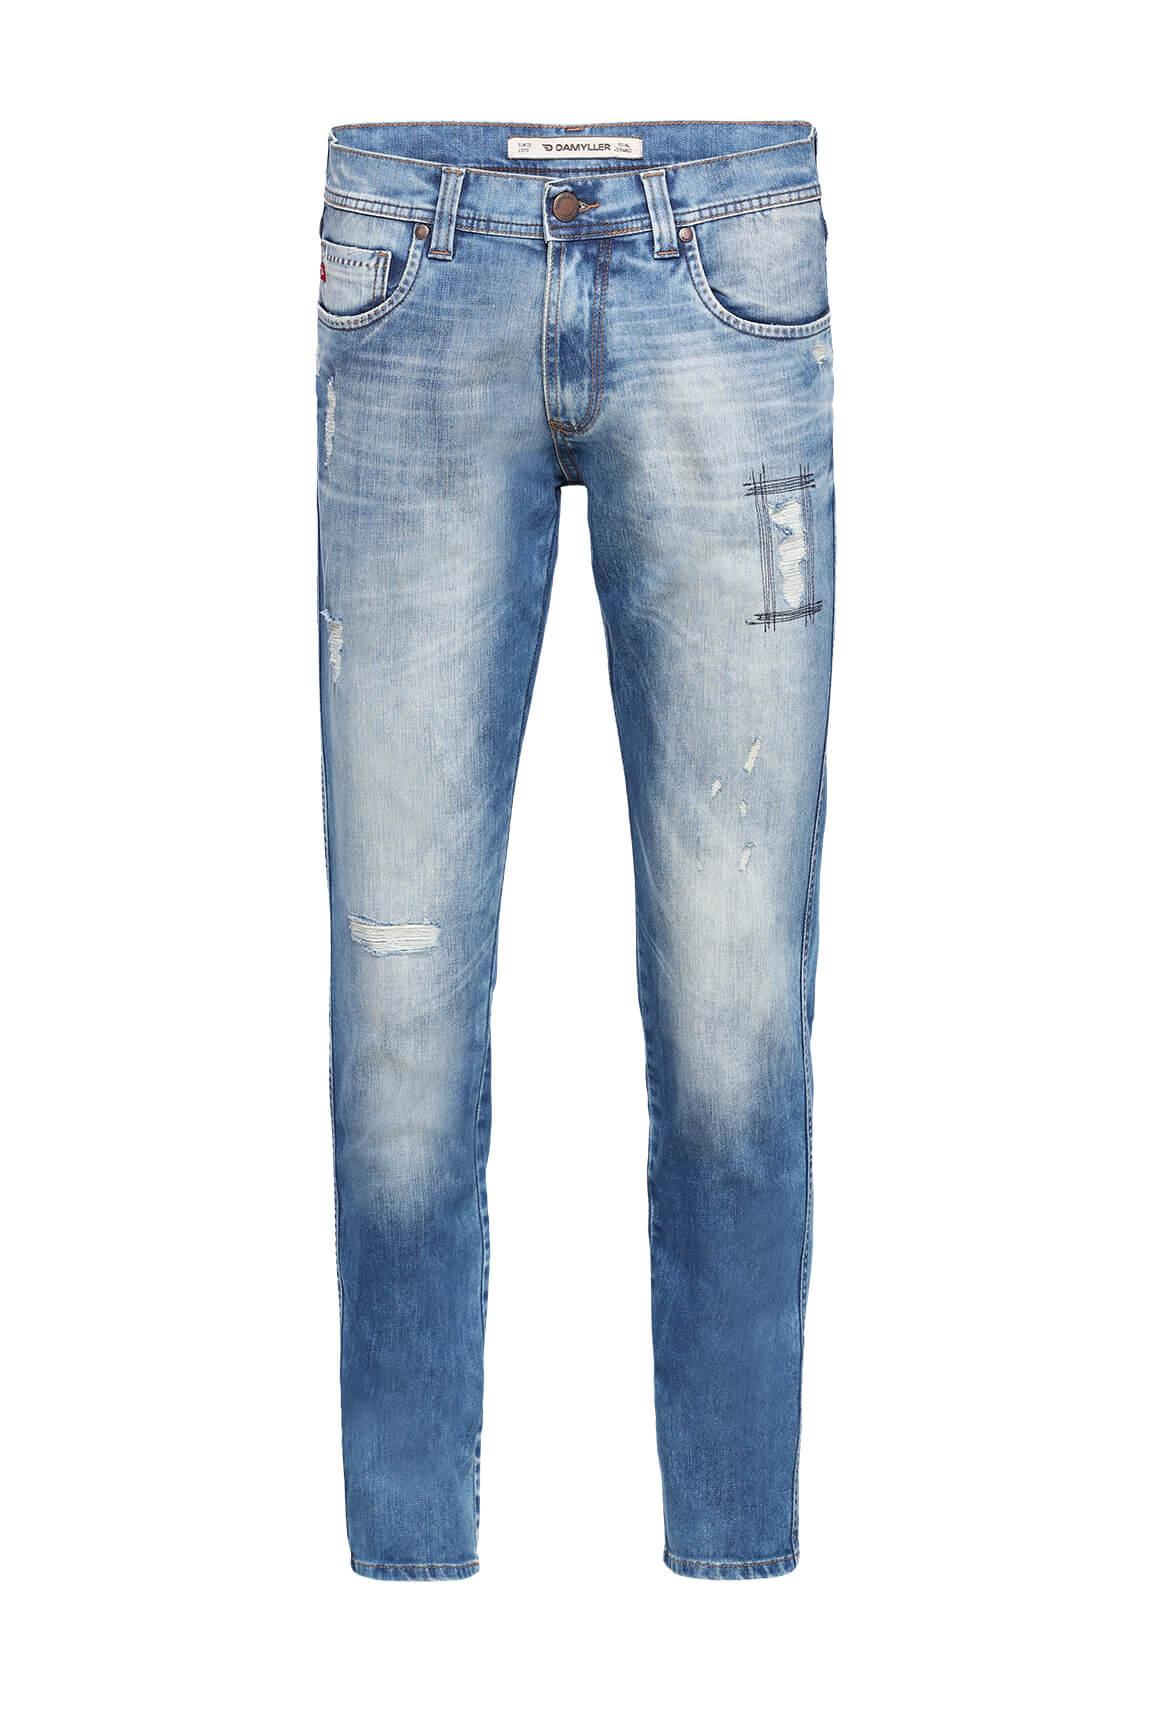 Dammyler - Jeans do verão 2018